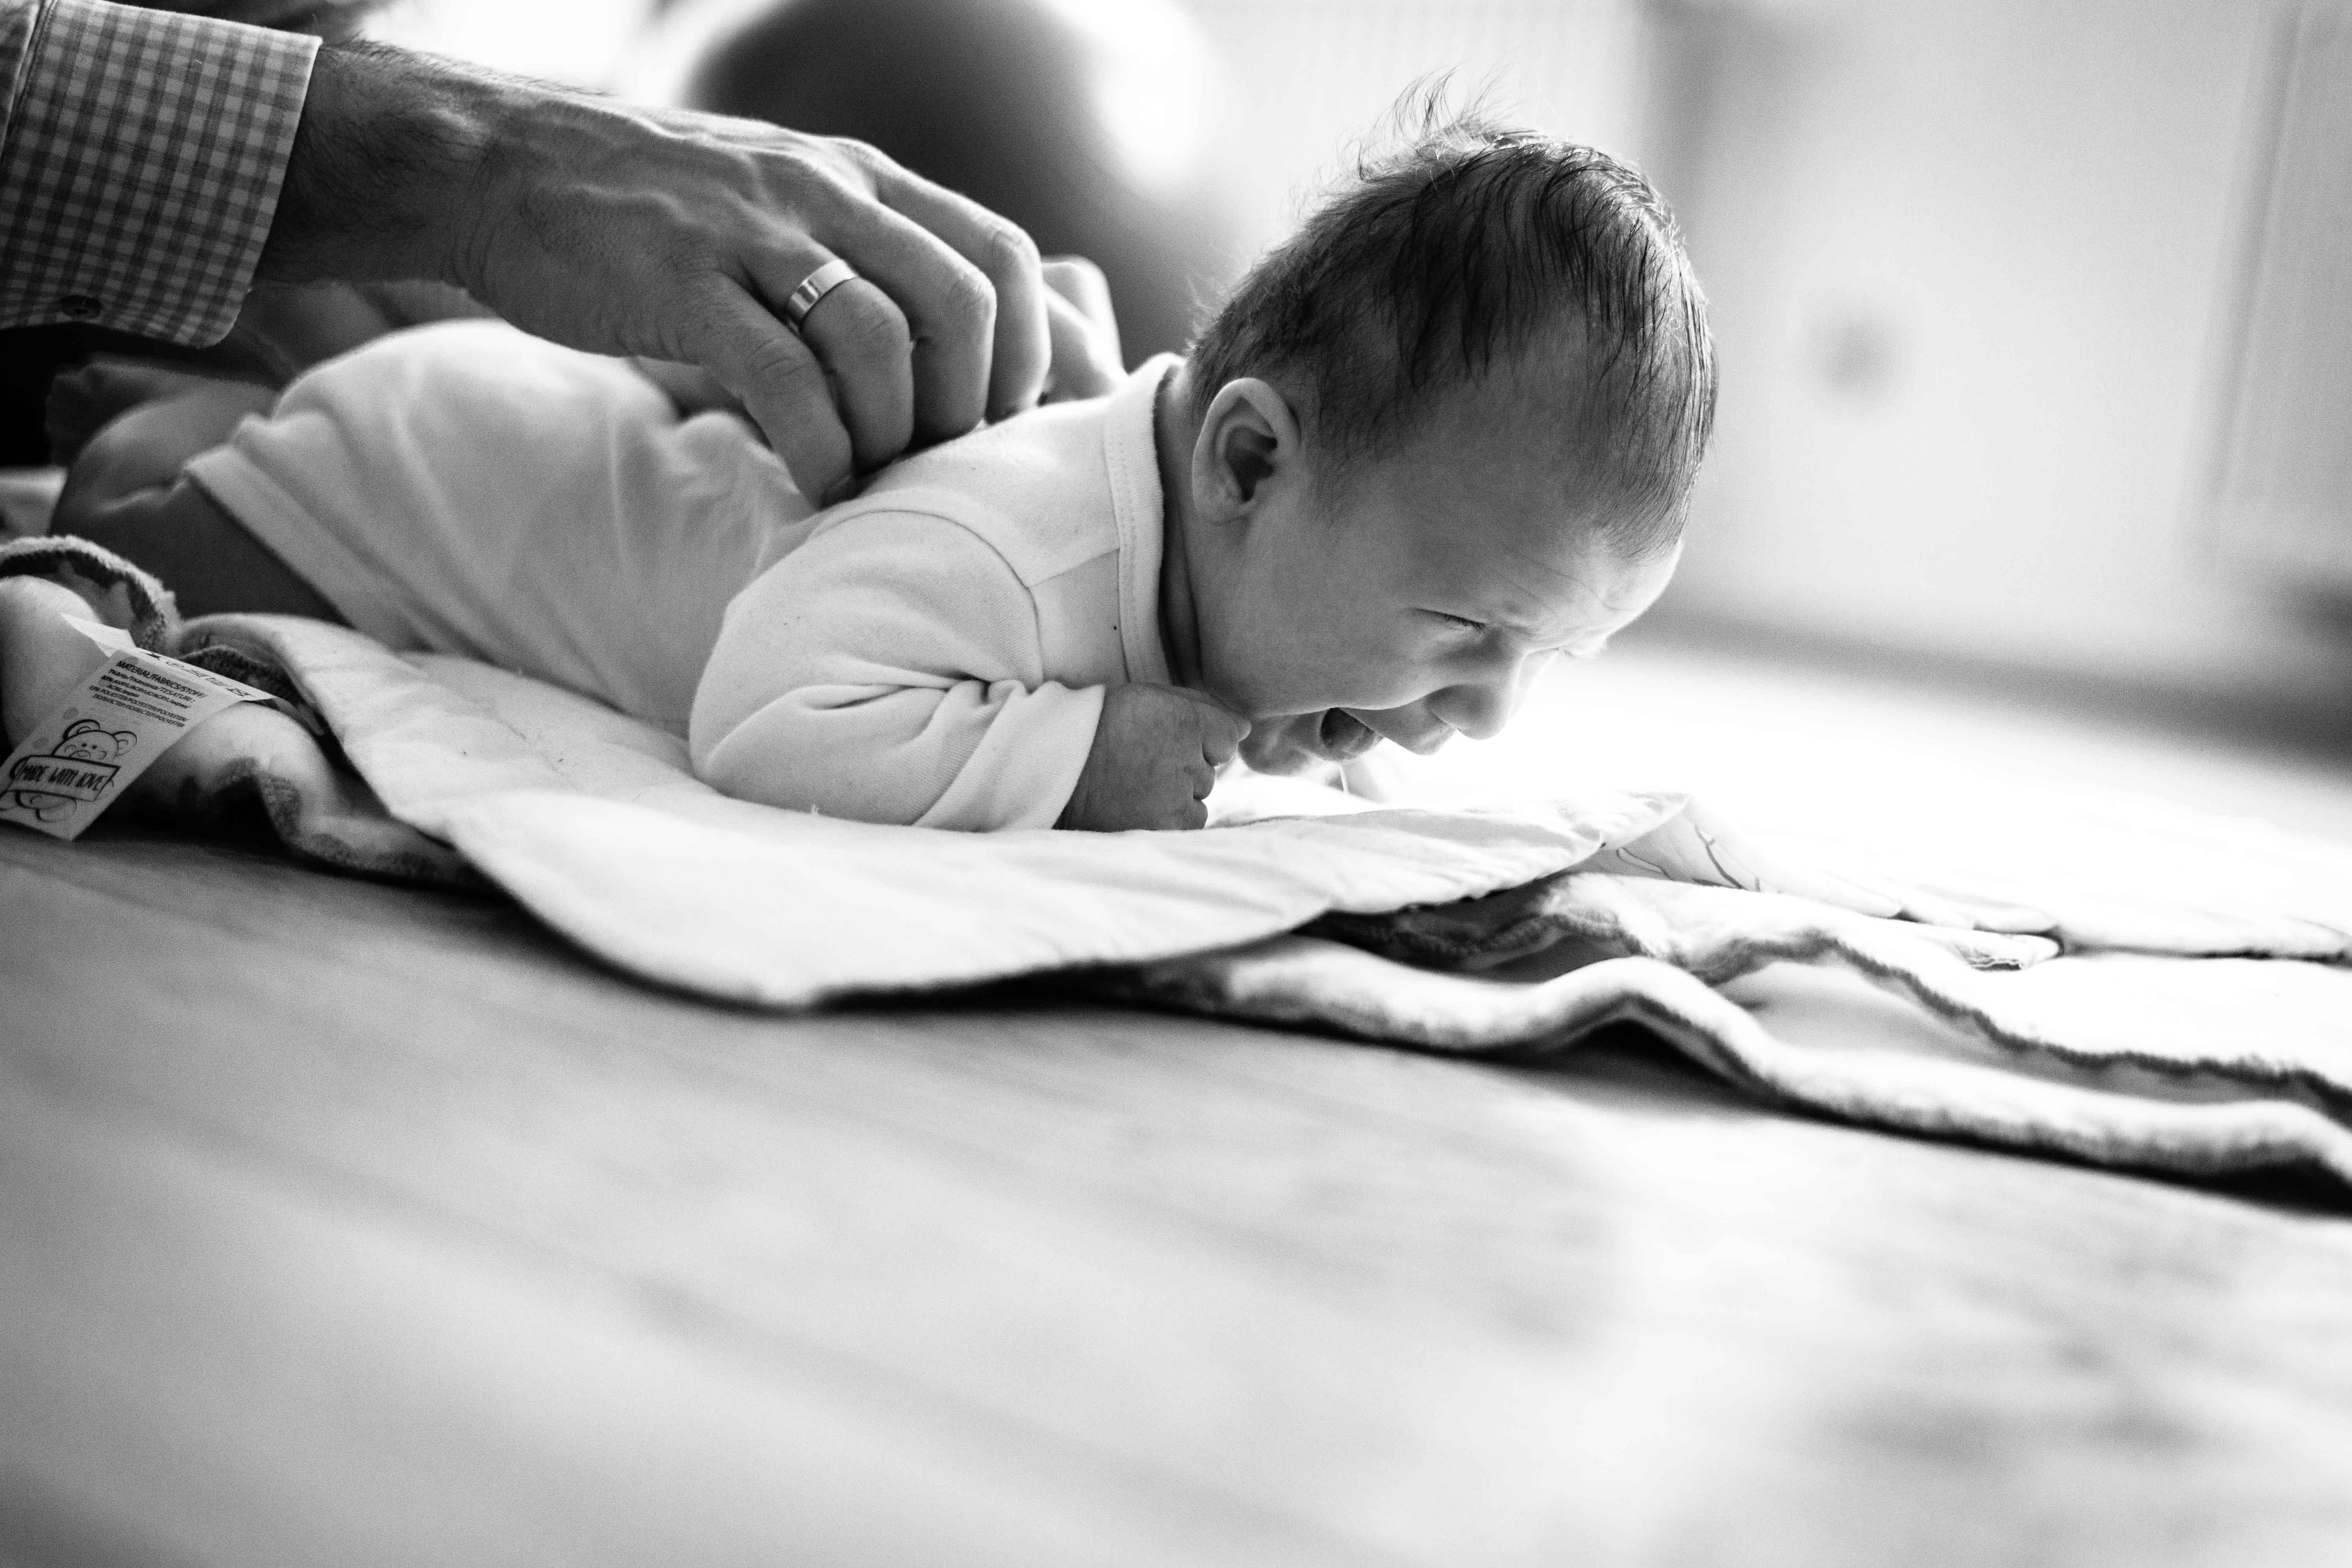 sesja-rodzinna-dzieck-newborn-wroclaw-okonasznurku (24)